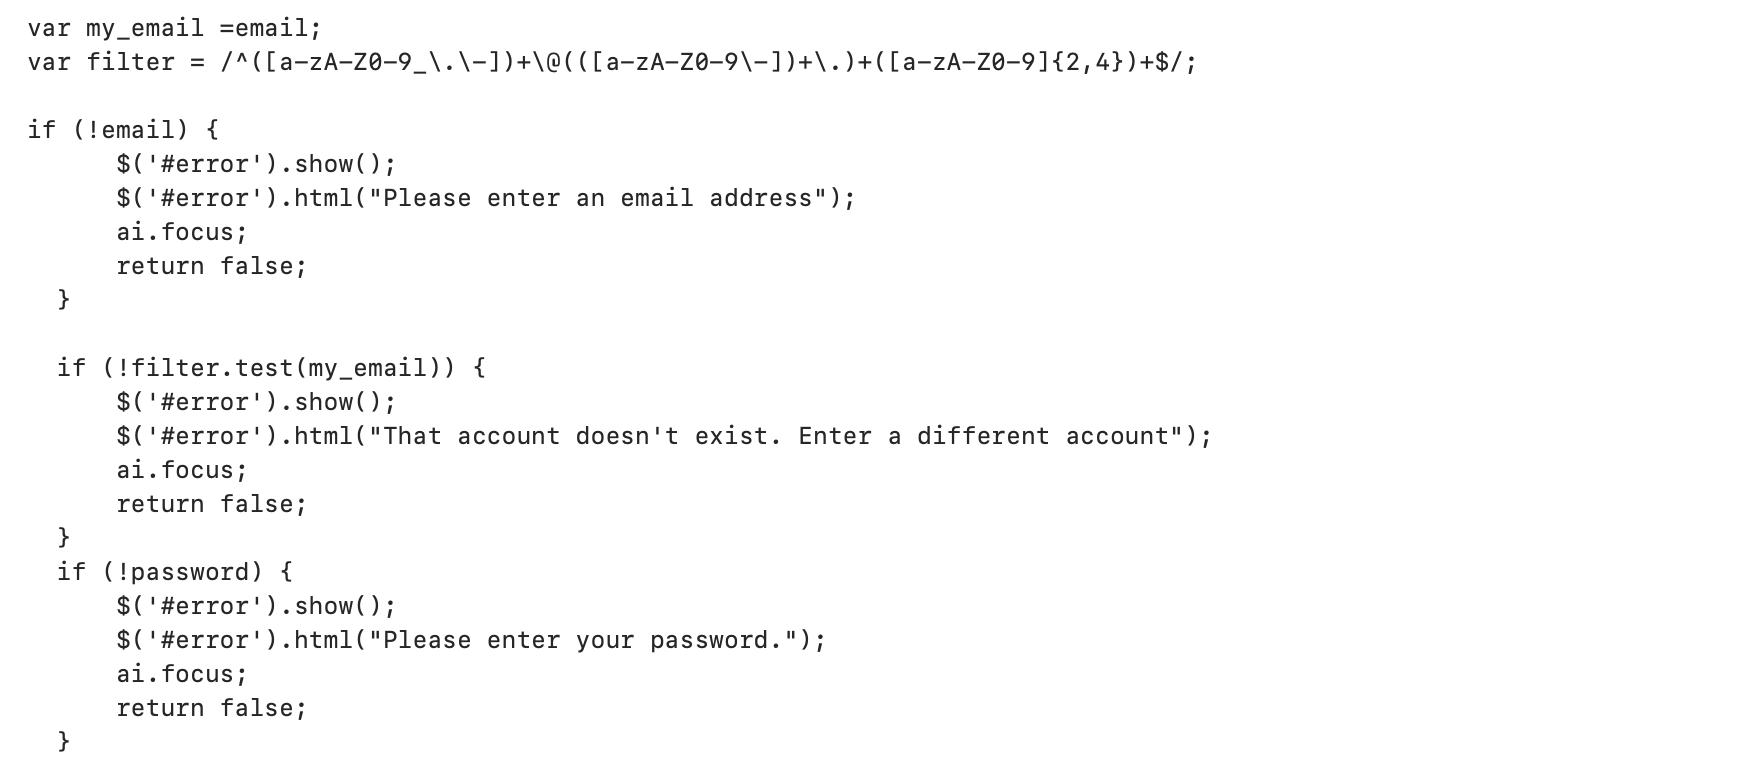 攻撃者がクレデンシャルを検証するために使用するJavaScriptの図